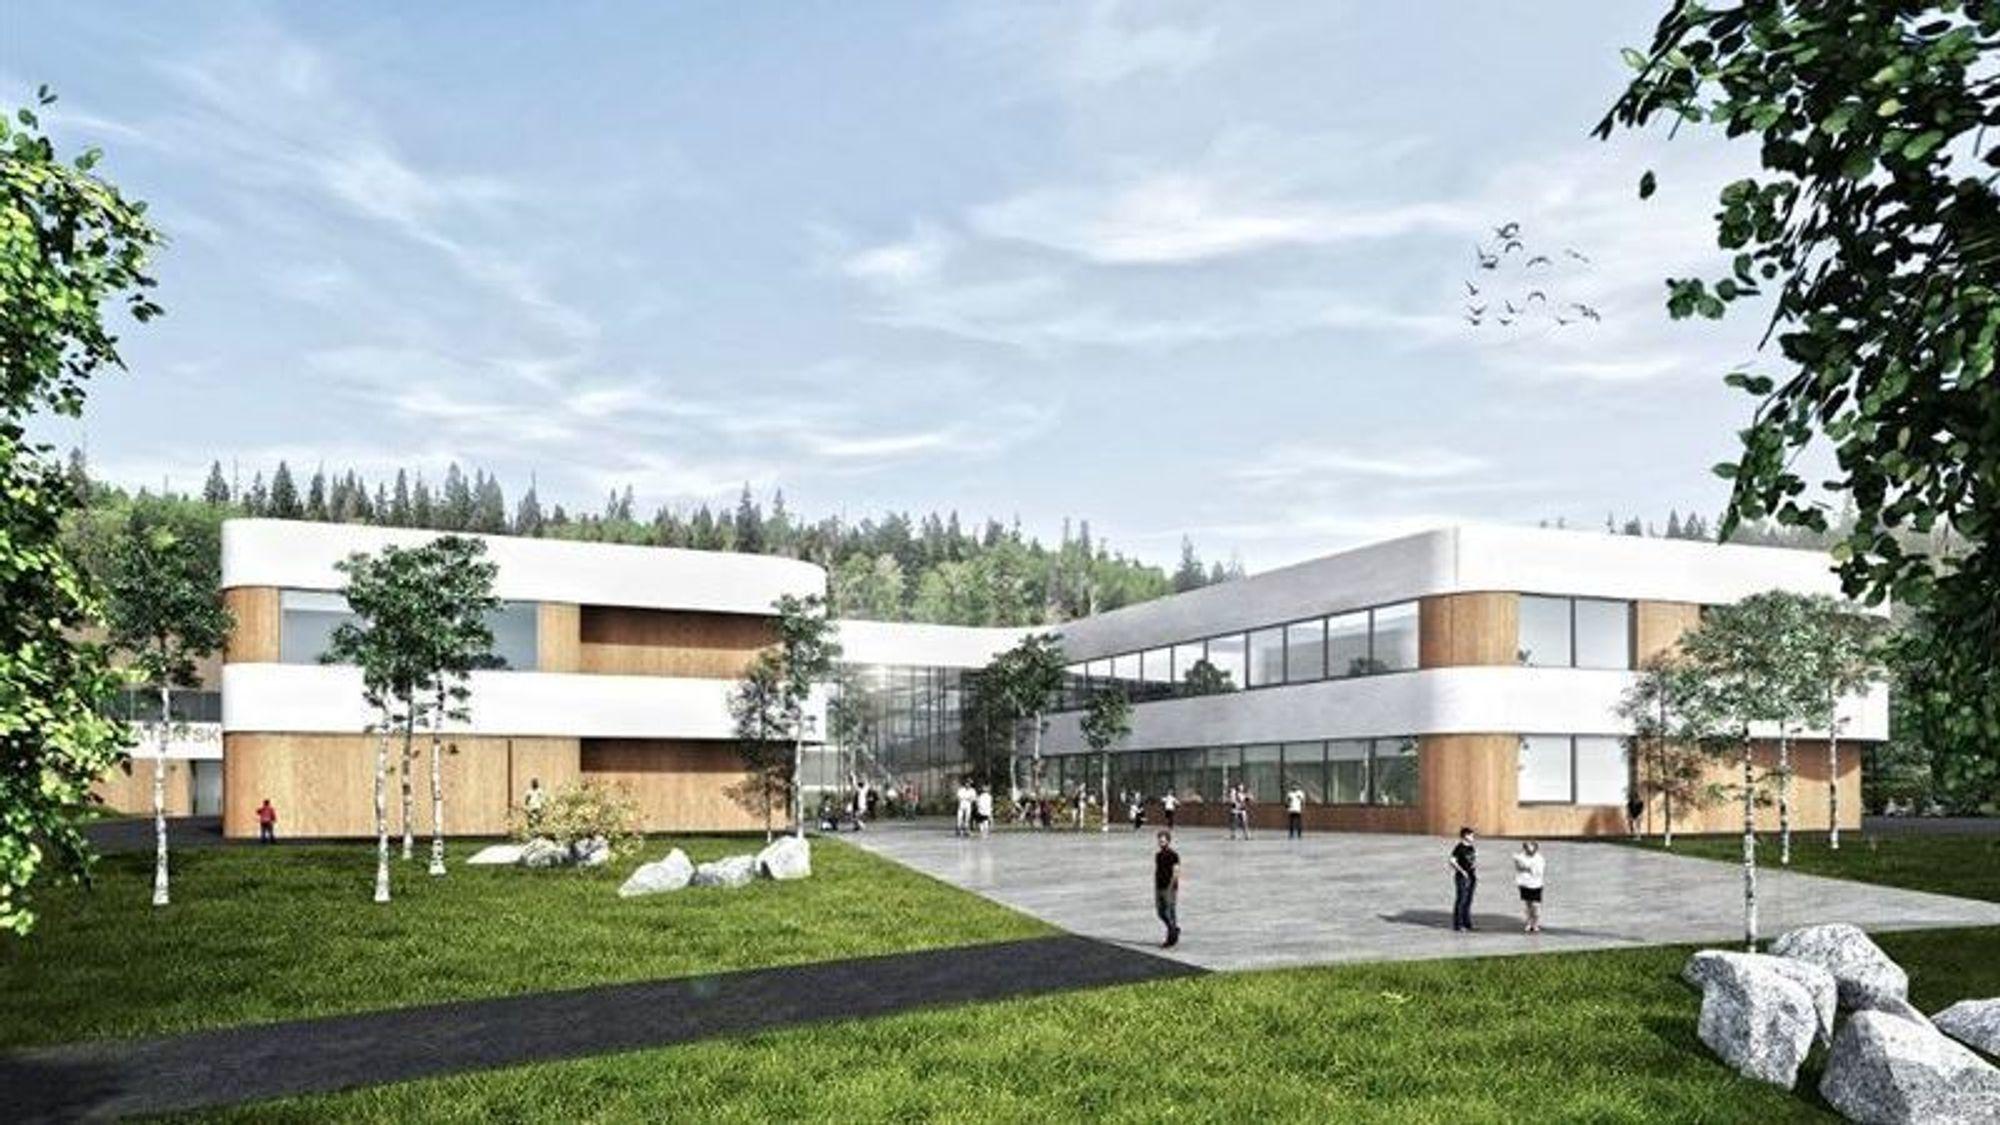 Veidekke skal bygge nye Torvbråten skole i Røyken kommune i Buskerud.